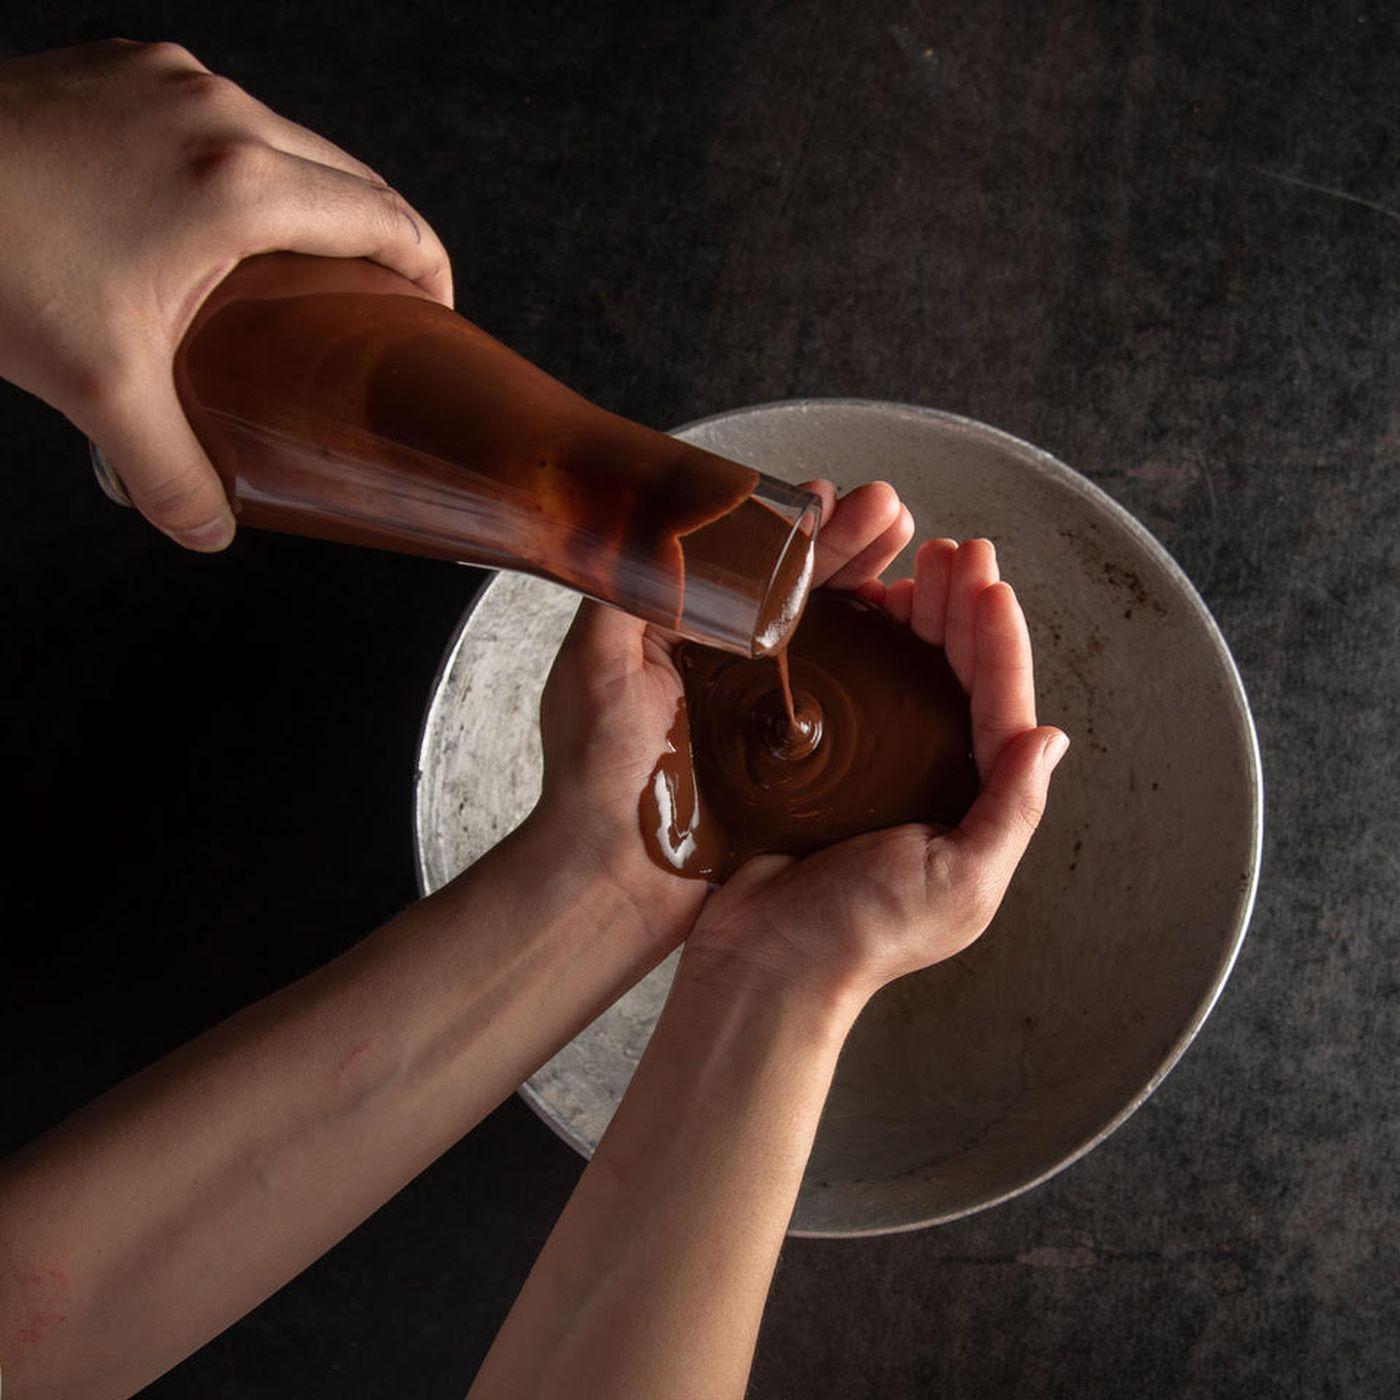 Baño de chocolate de Elcielo. Foto: Elcielo.